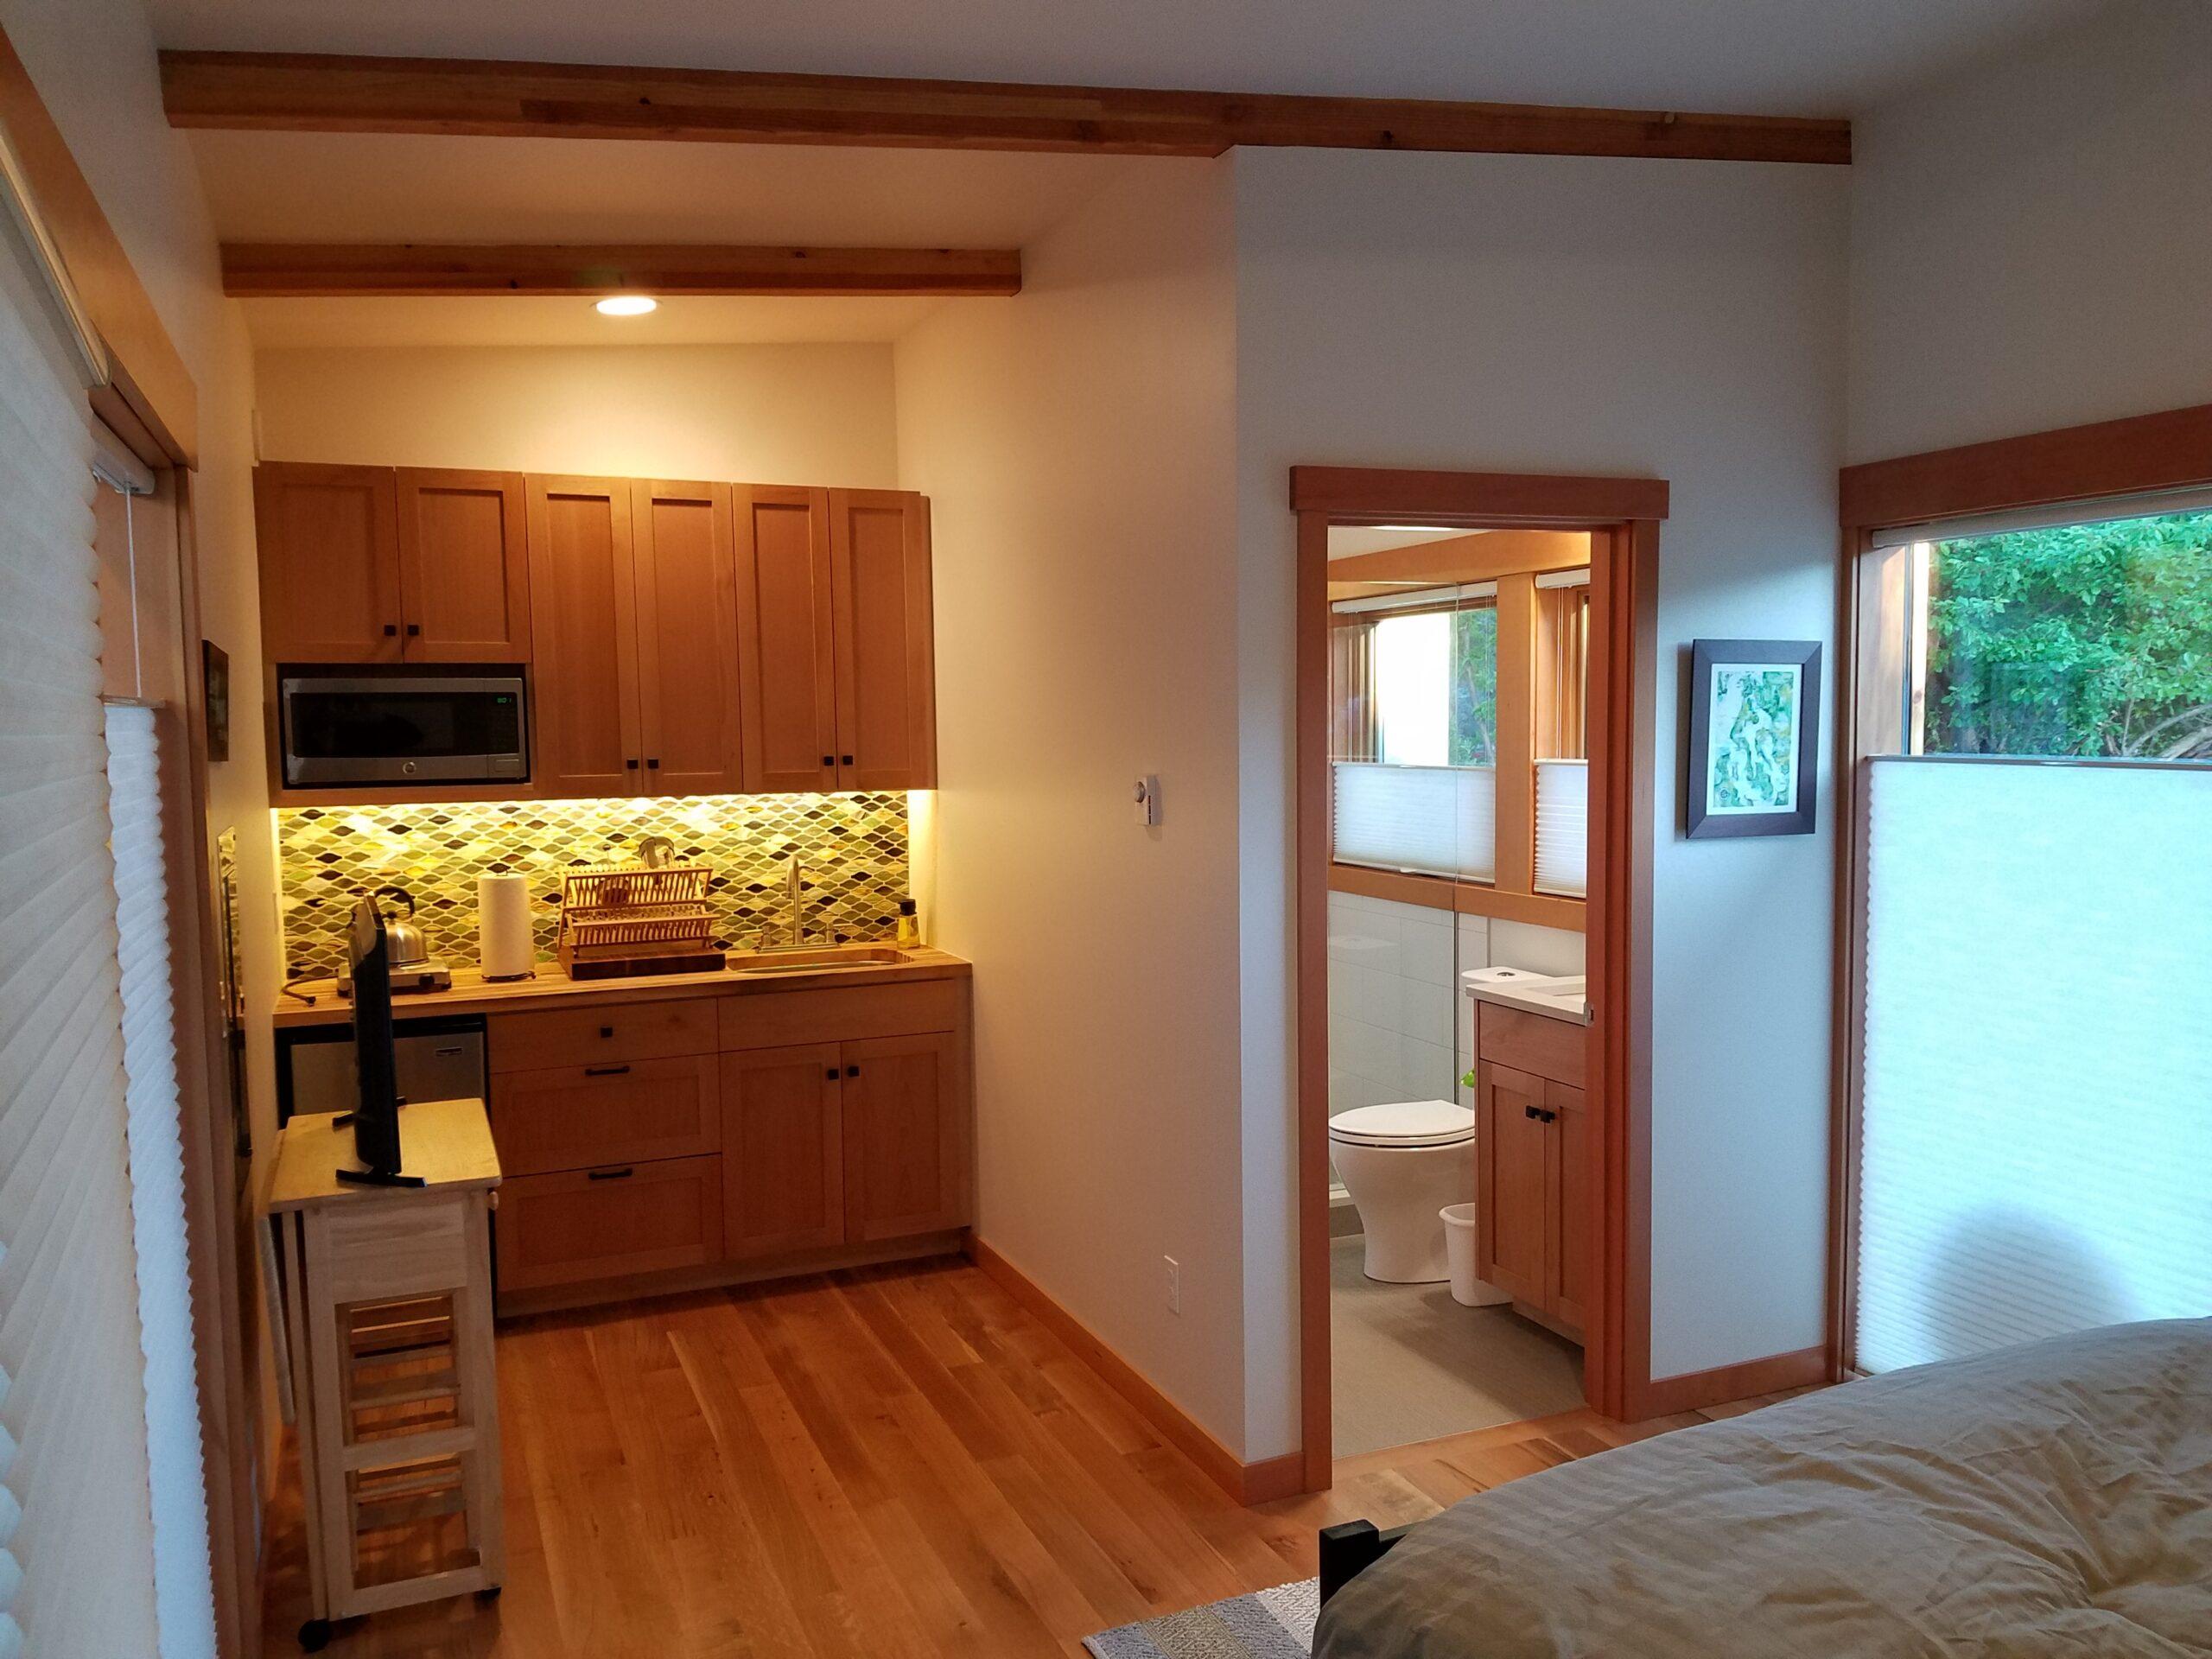 Josh Architecture Whidbey Island casita kitchenette